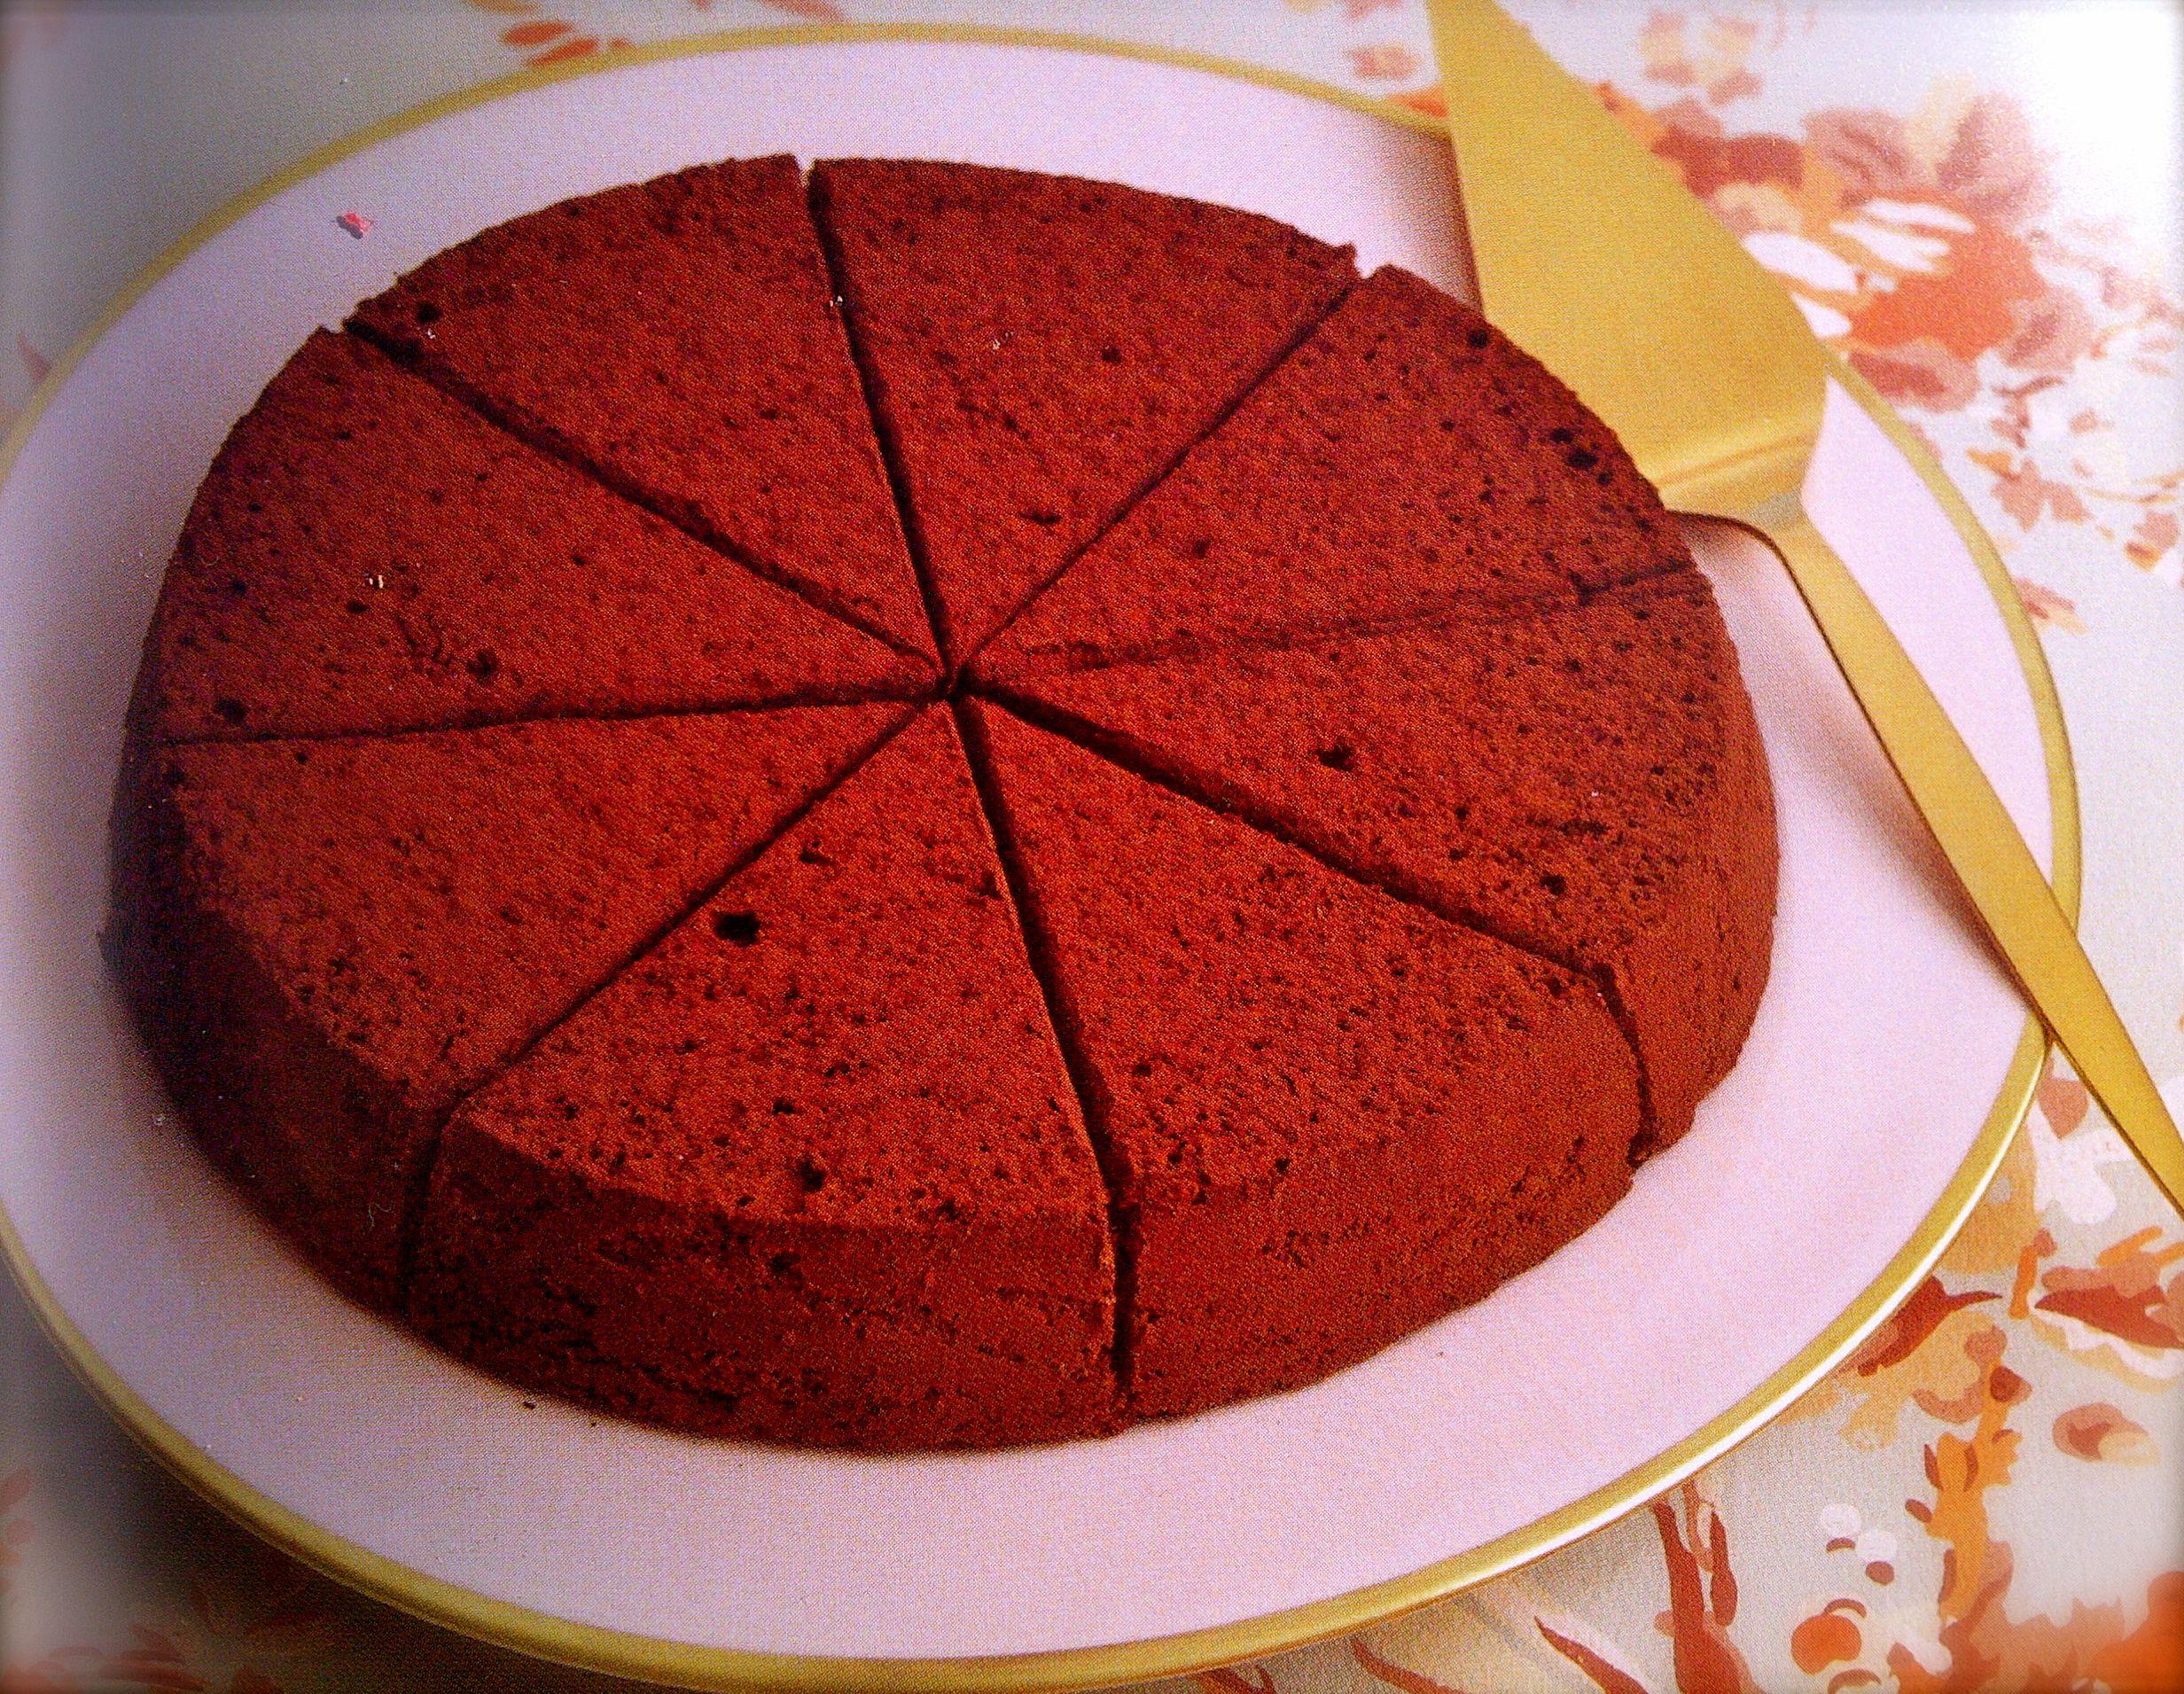 Coco Cake Recipe In Marathi: Laduree Soft Chocolate Cake Recipe